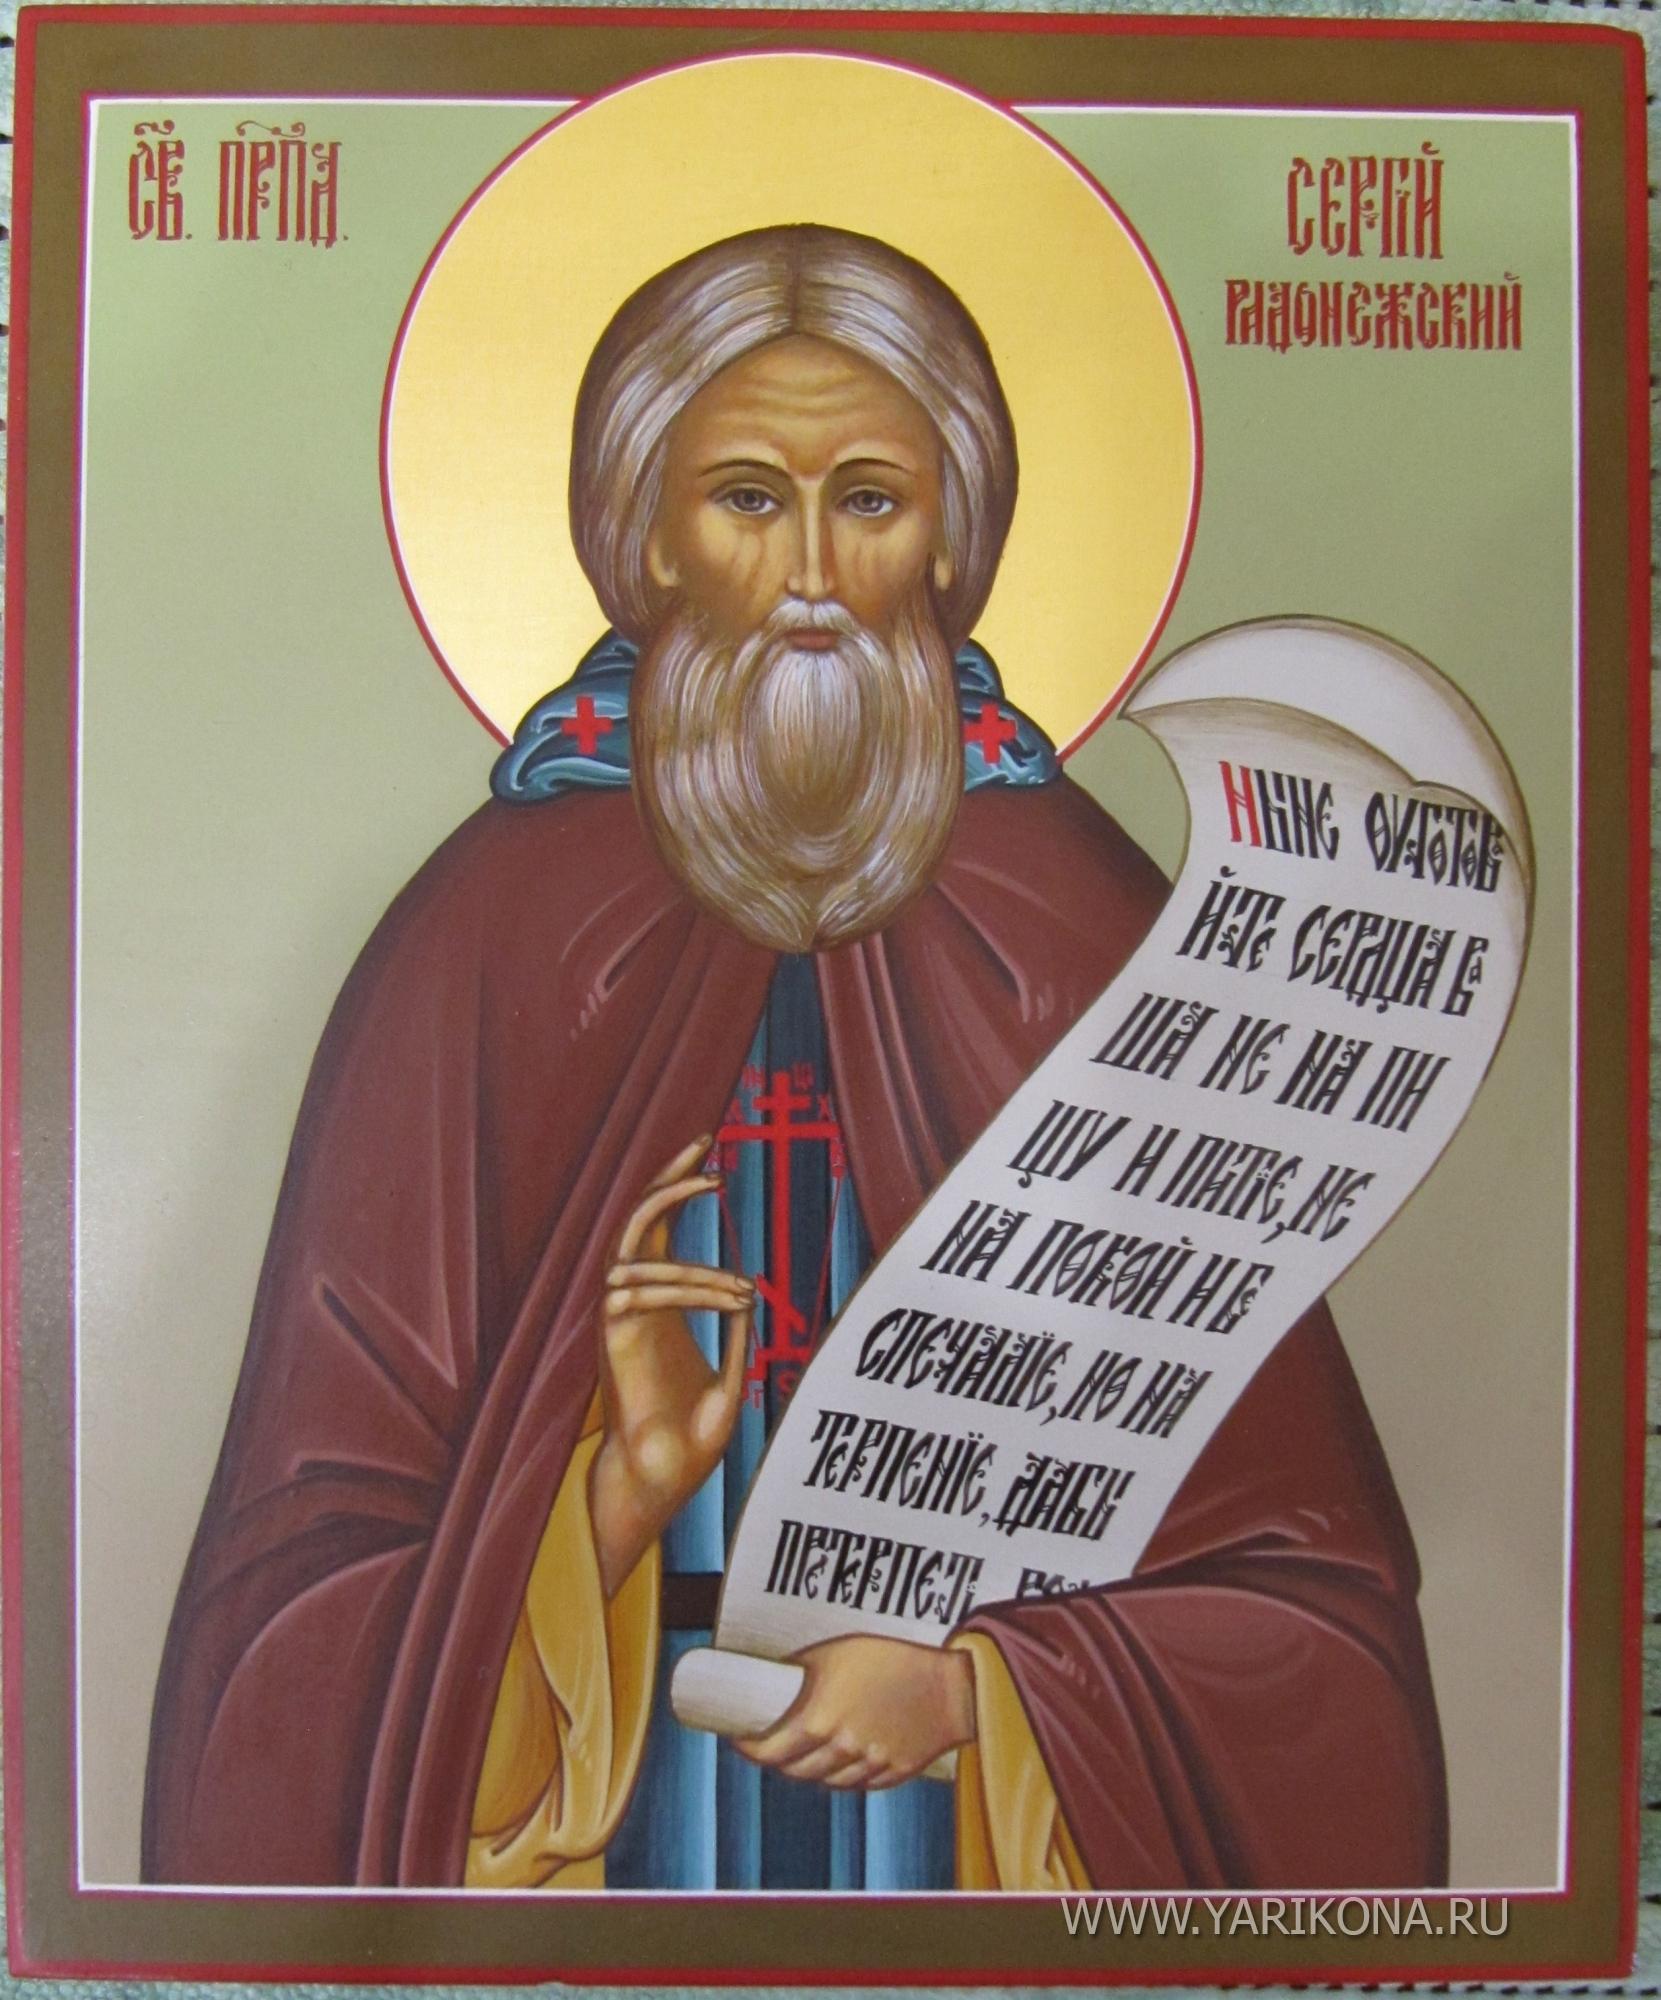 икона радонежского: